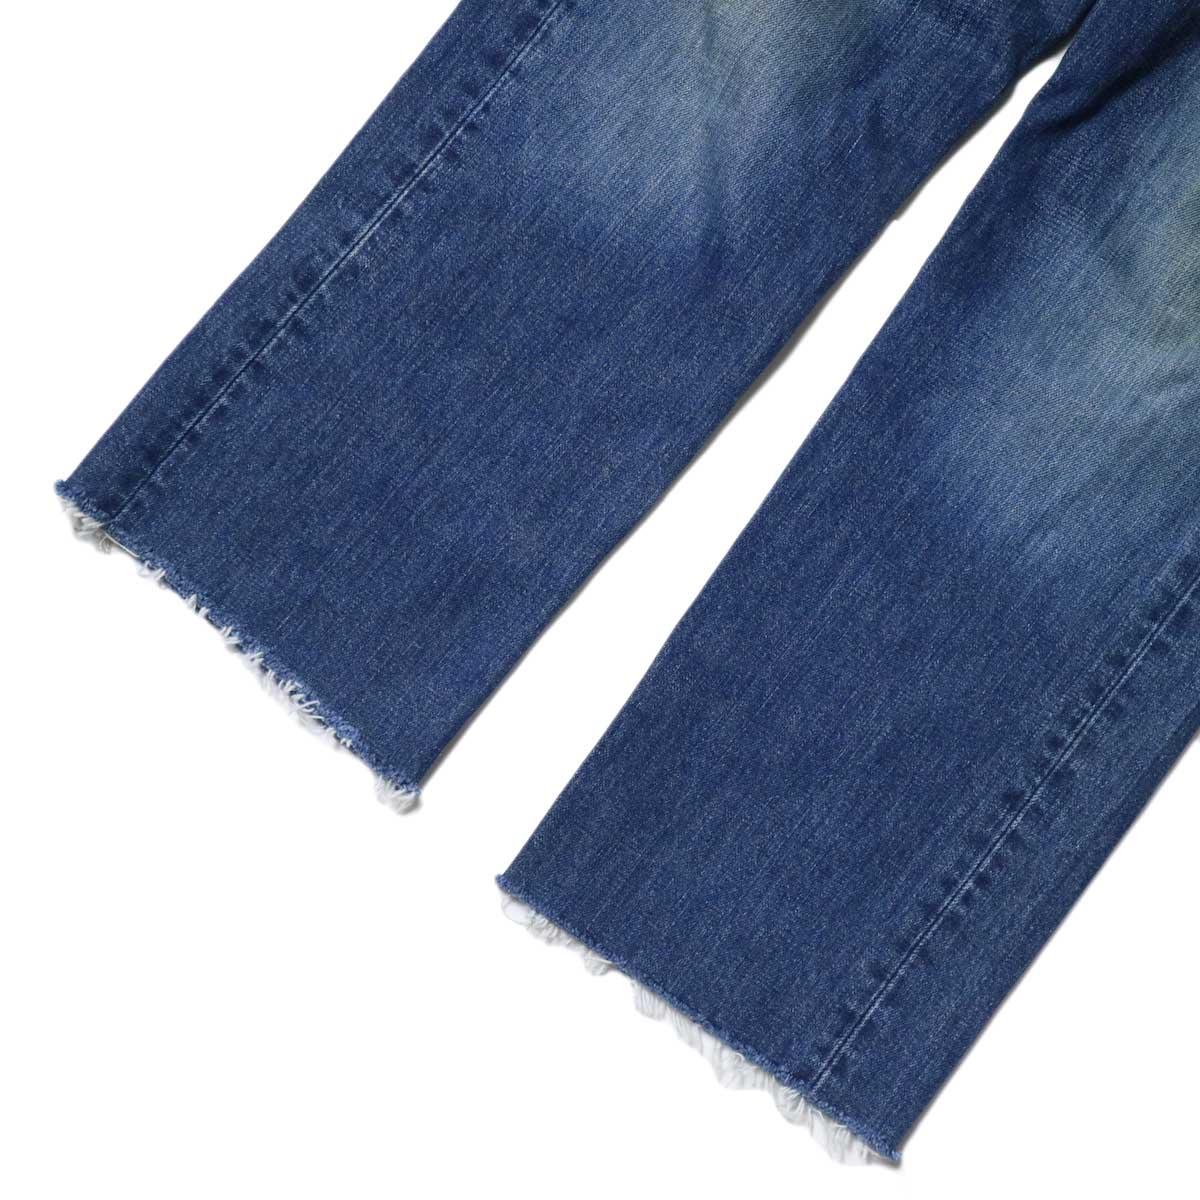 BONUM / BELTED 5P DENIM (32inch) -R 裾